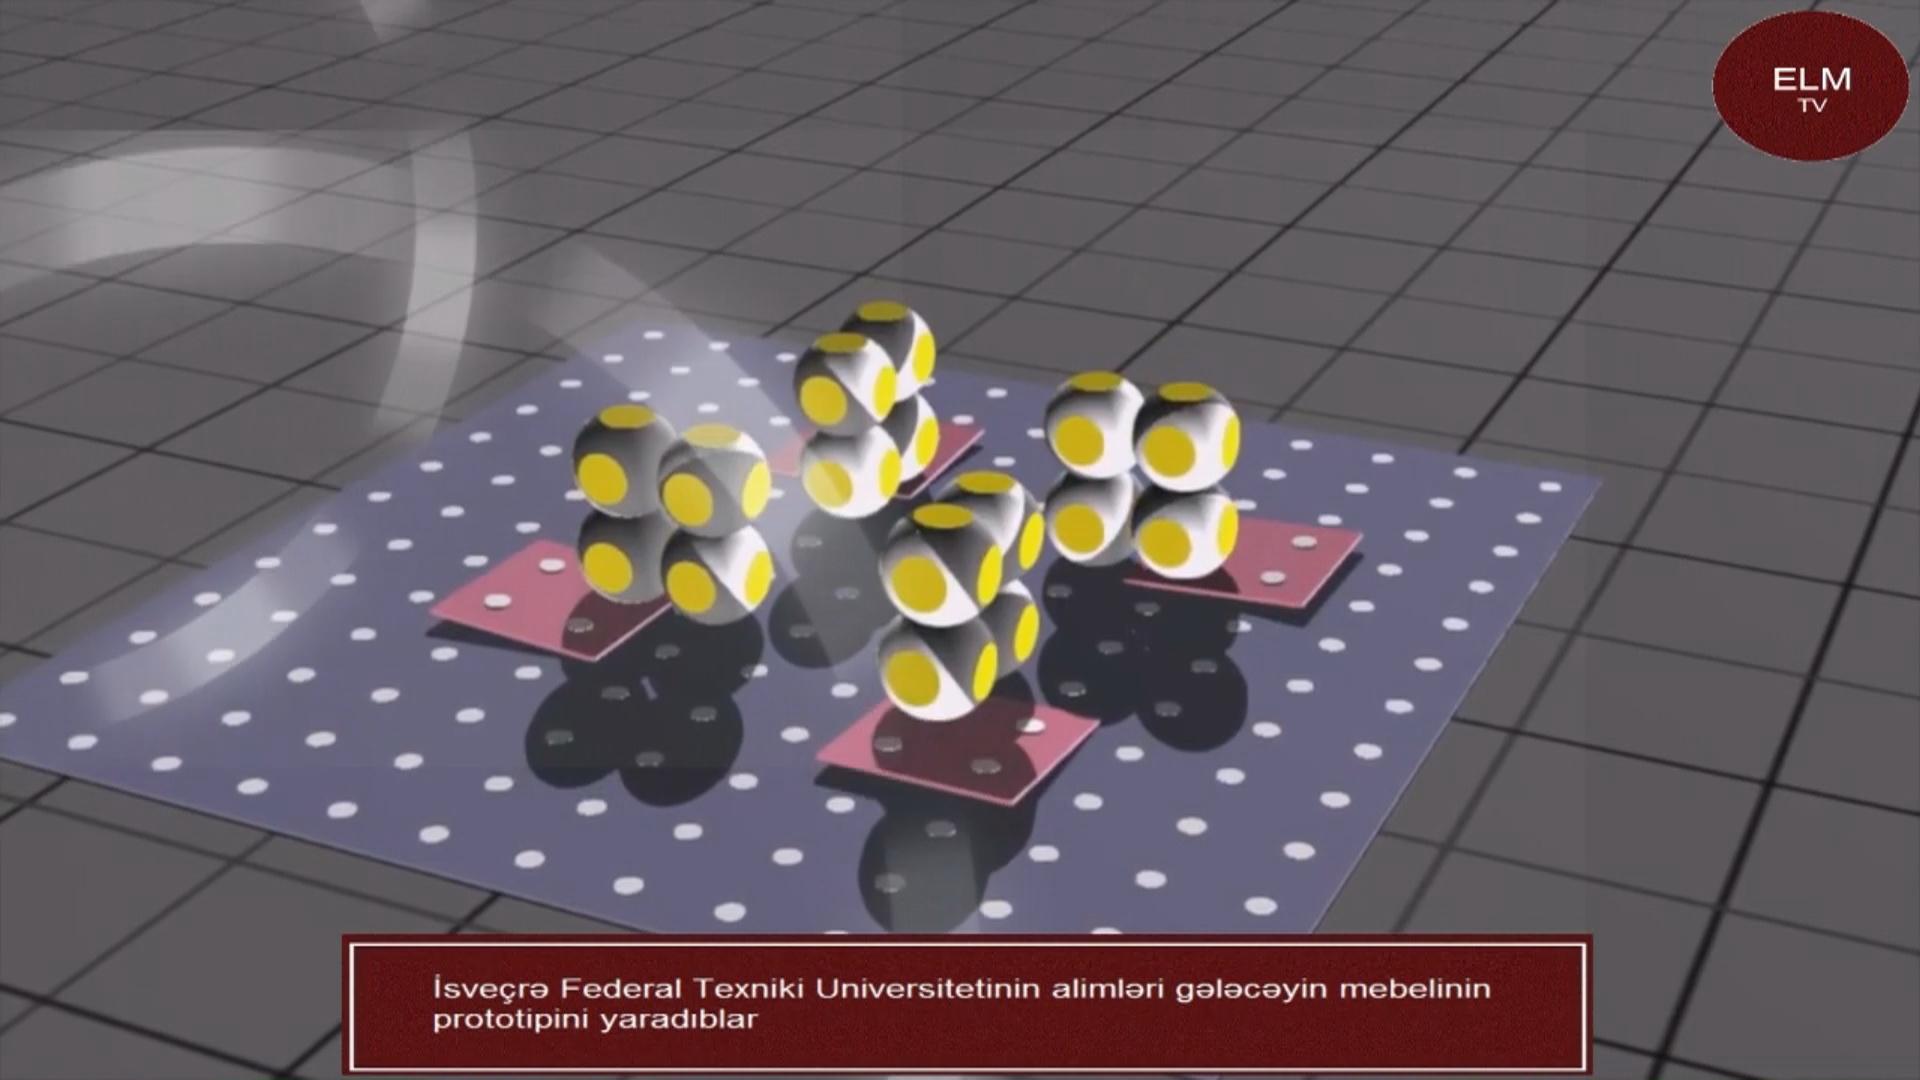 İsveçrə Federal Texniki Universitetinin alimləri gələcəyin mebelinin prototipini yaradıblar